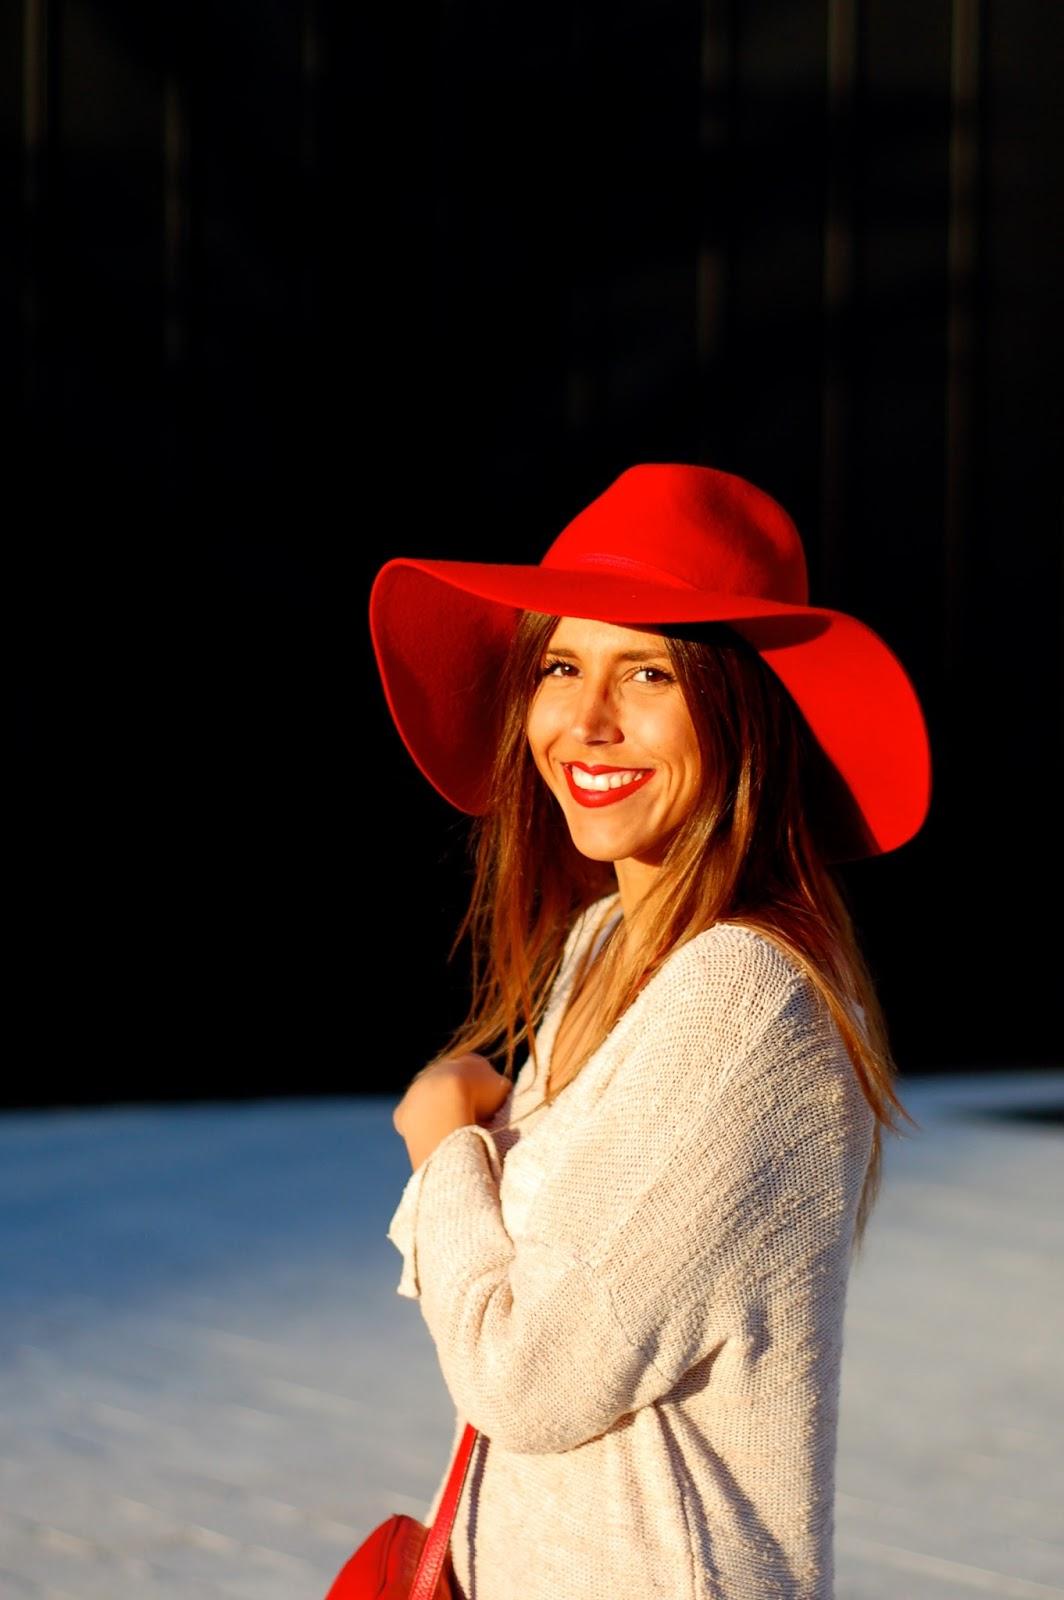 superbe-tenue-élégante-chapeau-en-rouge-carmin-on-aime-femme-jolie